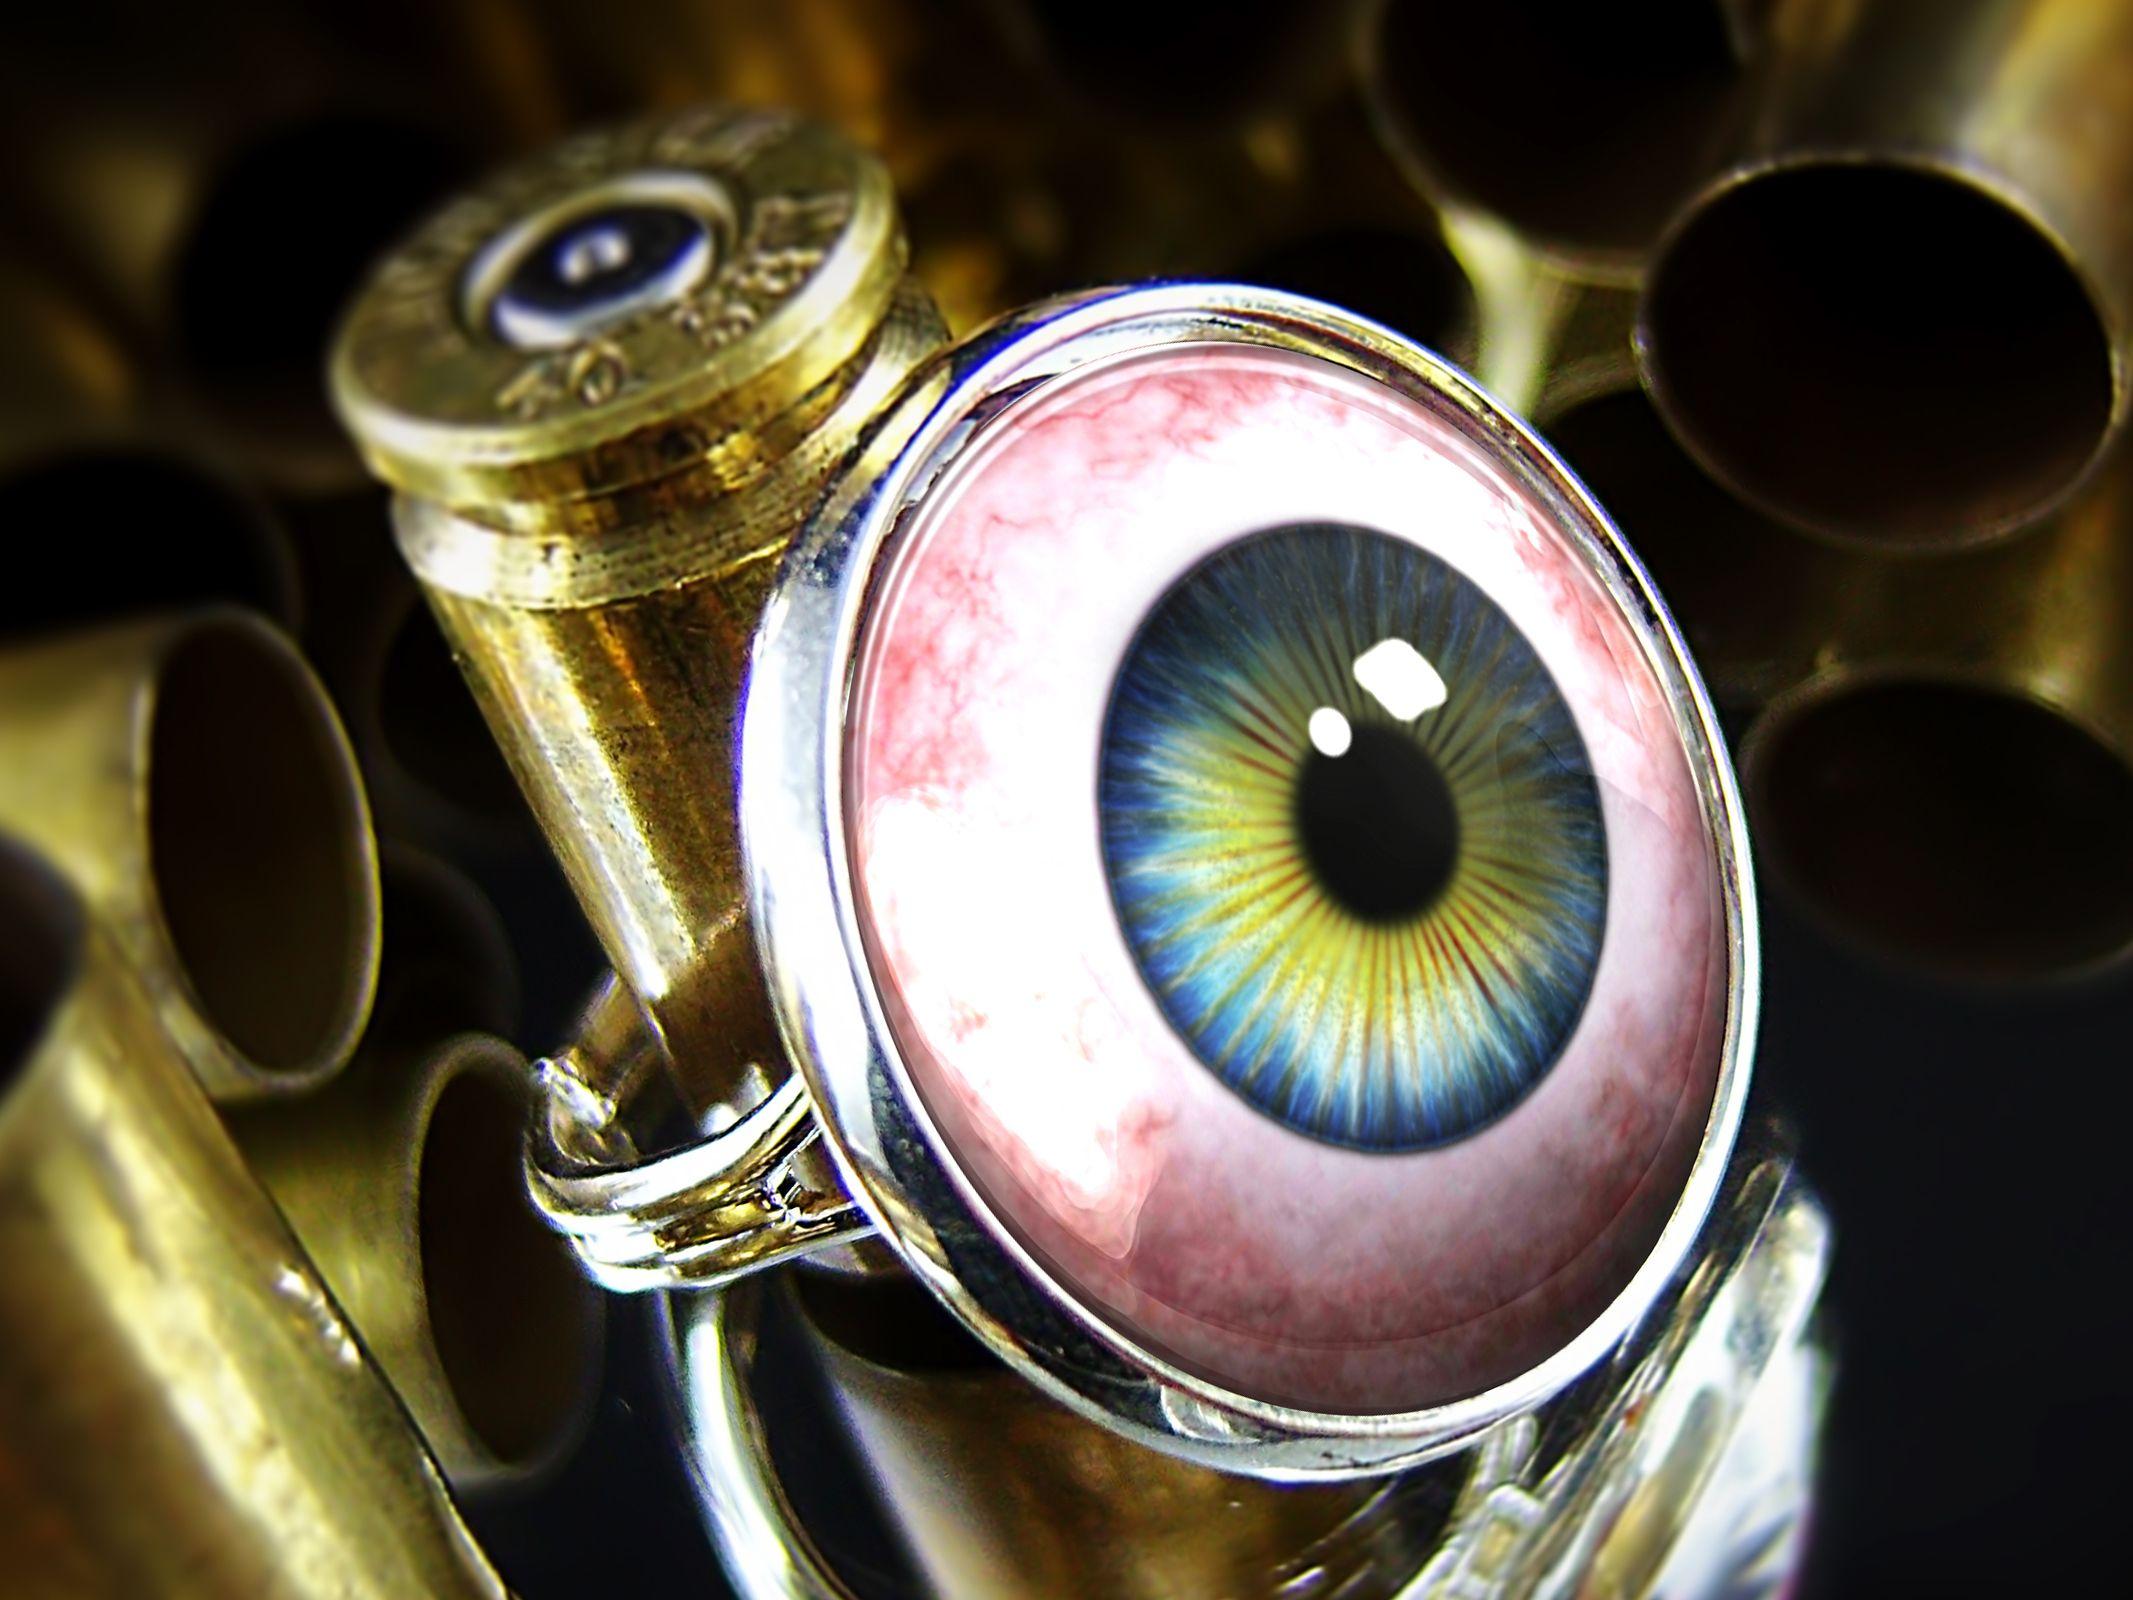 custom made eyeball halloween costume glass sterling silver ring 22 srr